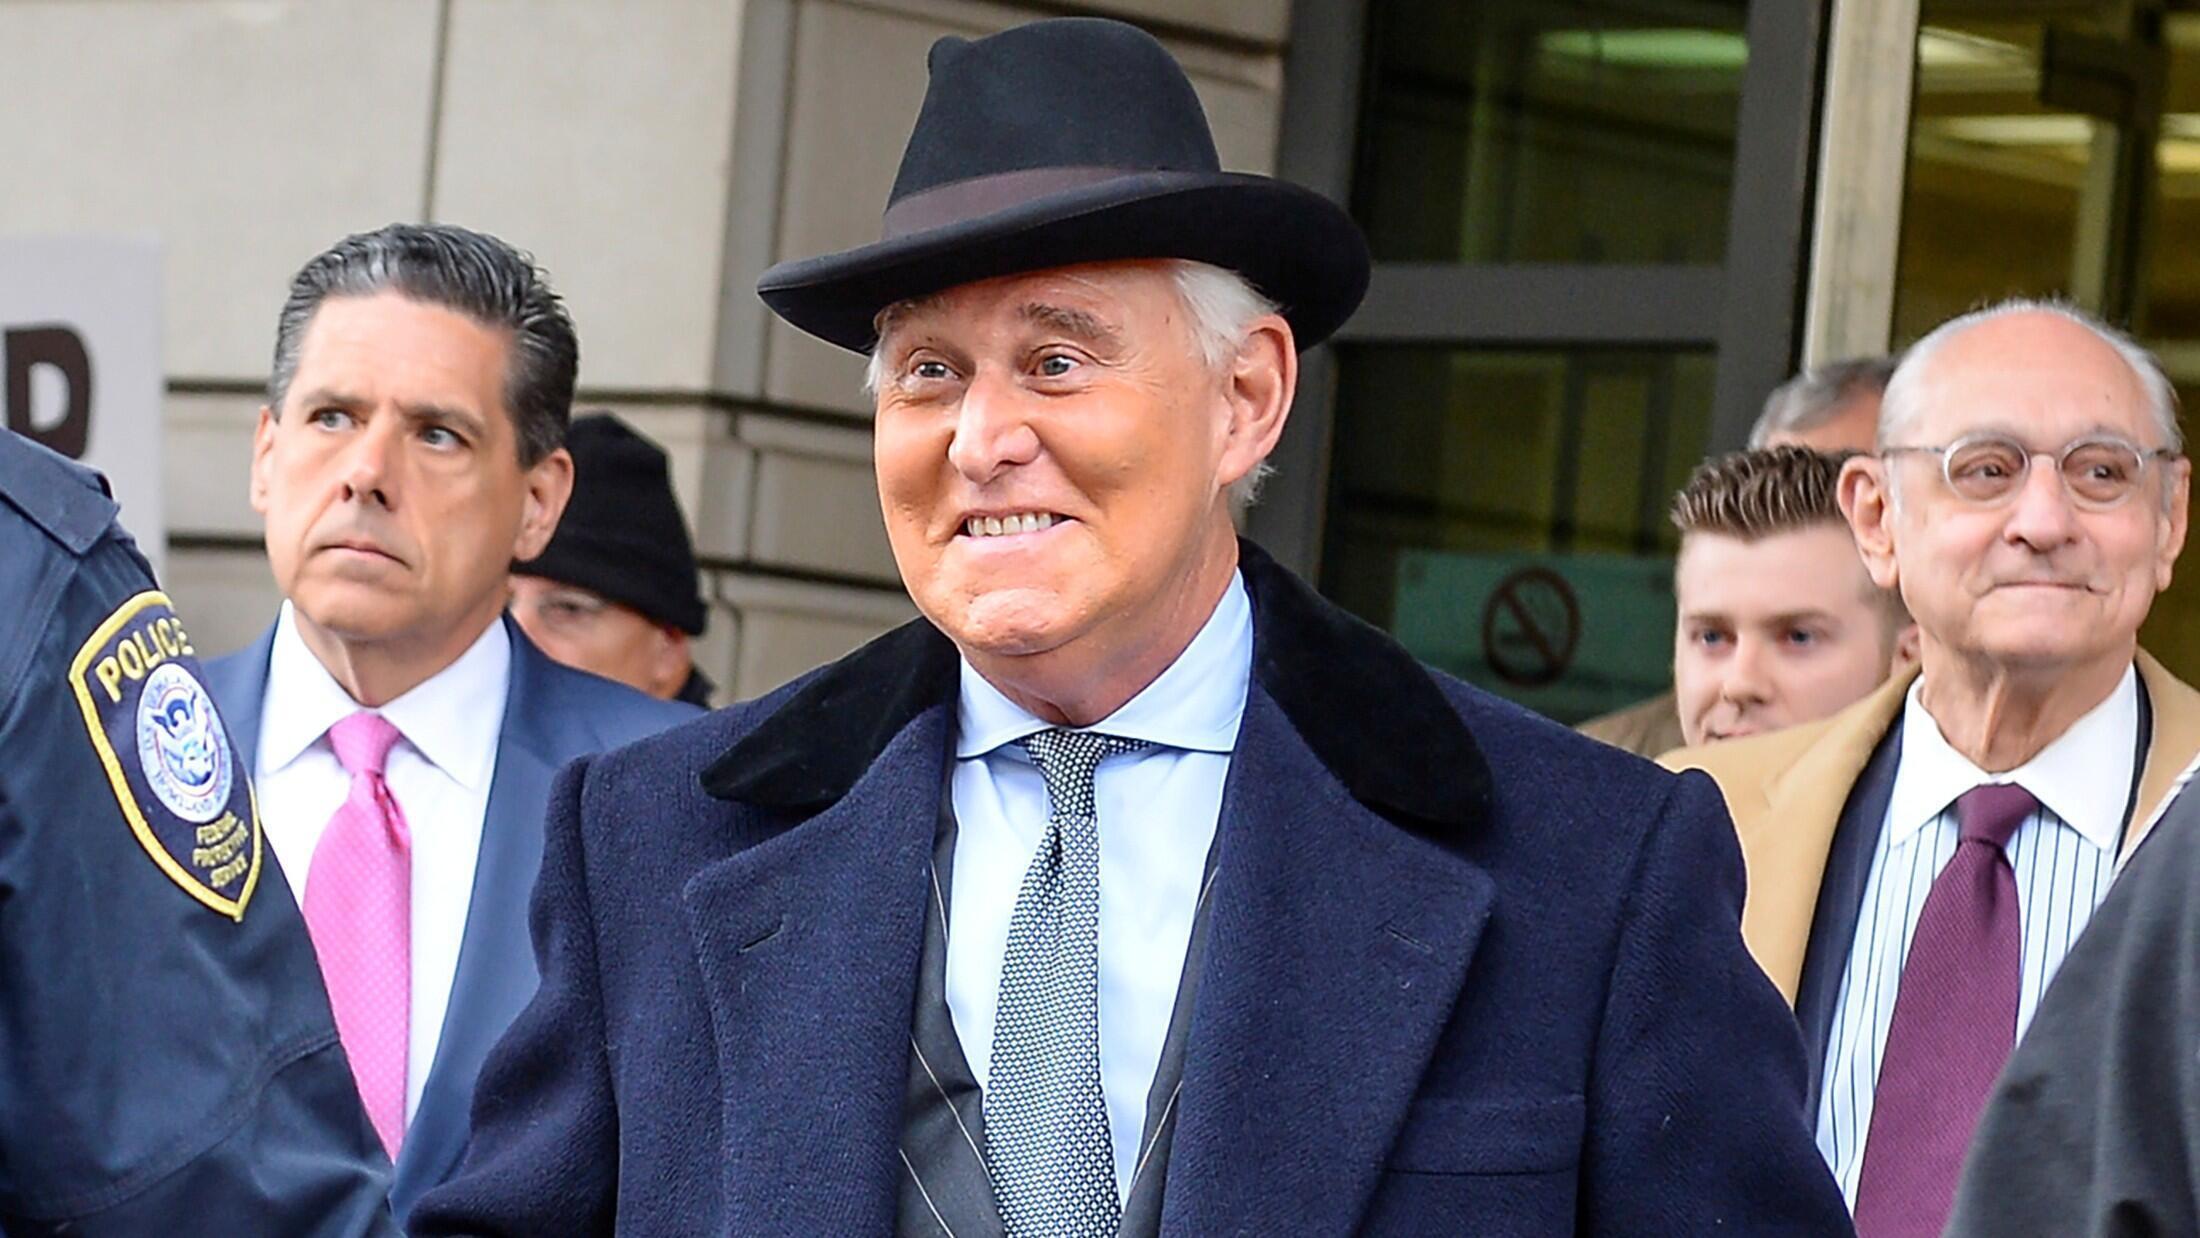 El ex asesor de campaña de Trump, Roger Stone, parte después de que fue sentenciado a tres años y cuatro meses de prisión en el Tribunal de Distrito de los Estados Unidos en Washington, Estados Unidos, el 20 de febrero de 2020. Foto de archivo.